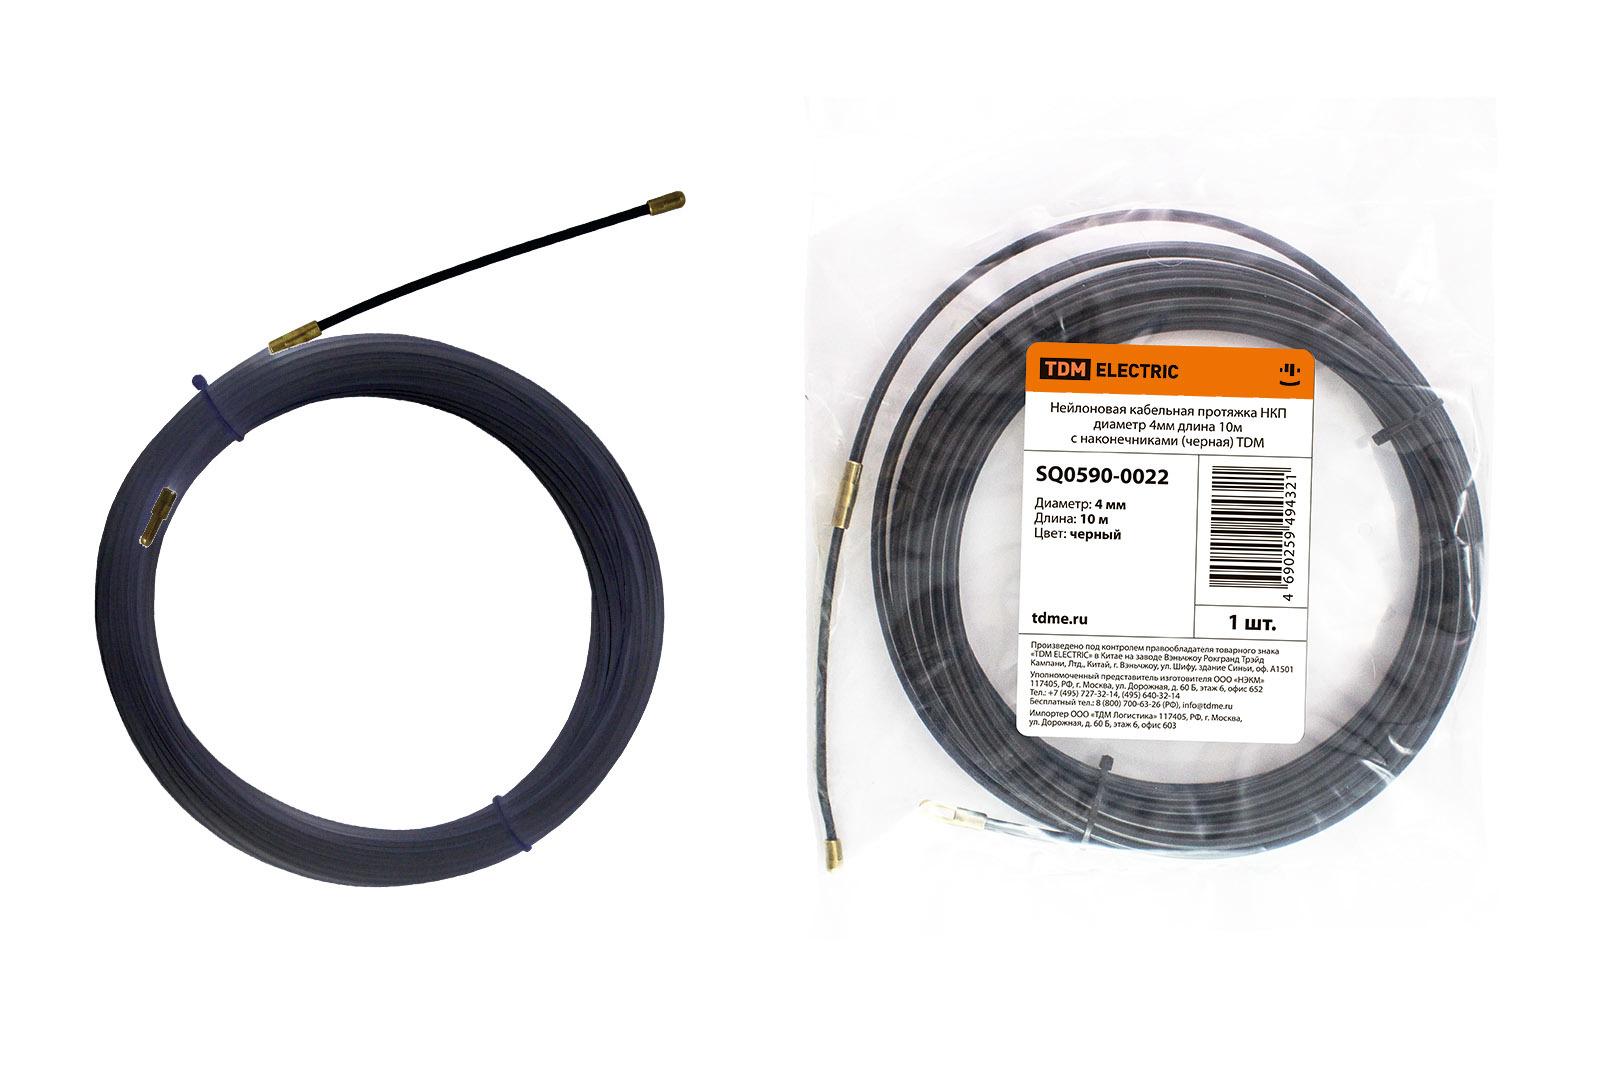 Нейлоновая кабельная протяжка НКП диаметр 4мм длина 10м с наконечниками (черная) TDM